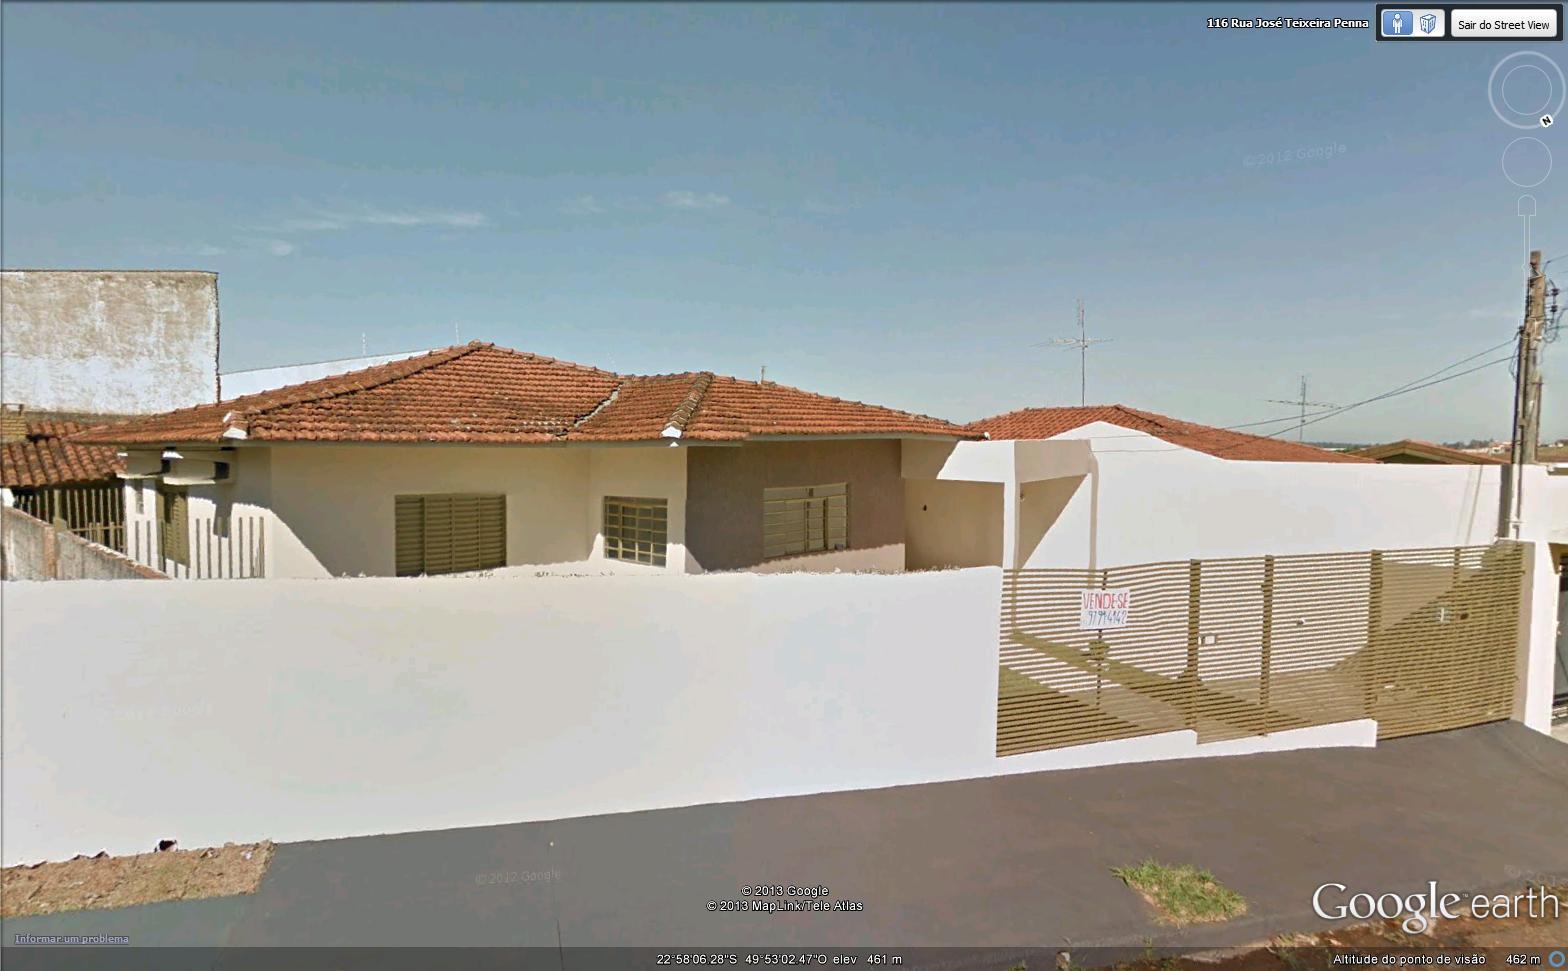 Reforma de casa em ourinhos raul gobetti - Reforma de casas ...